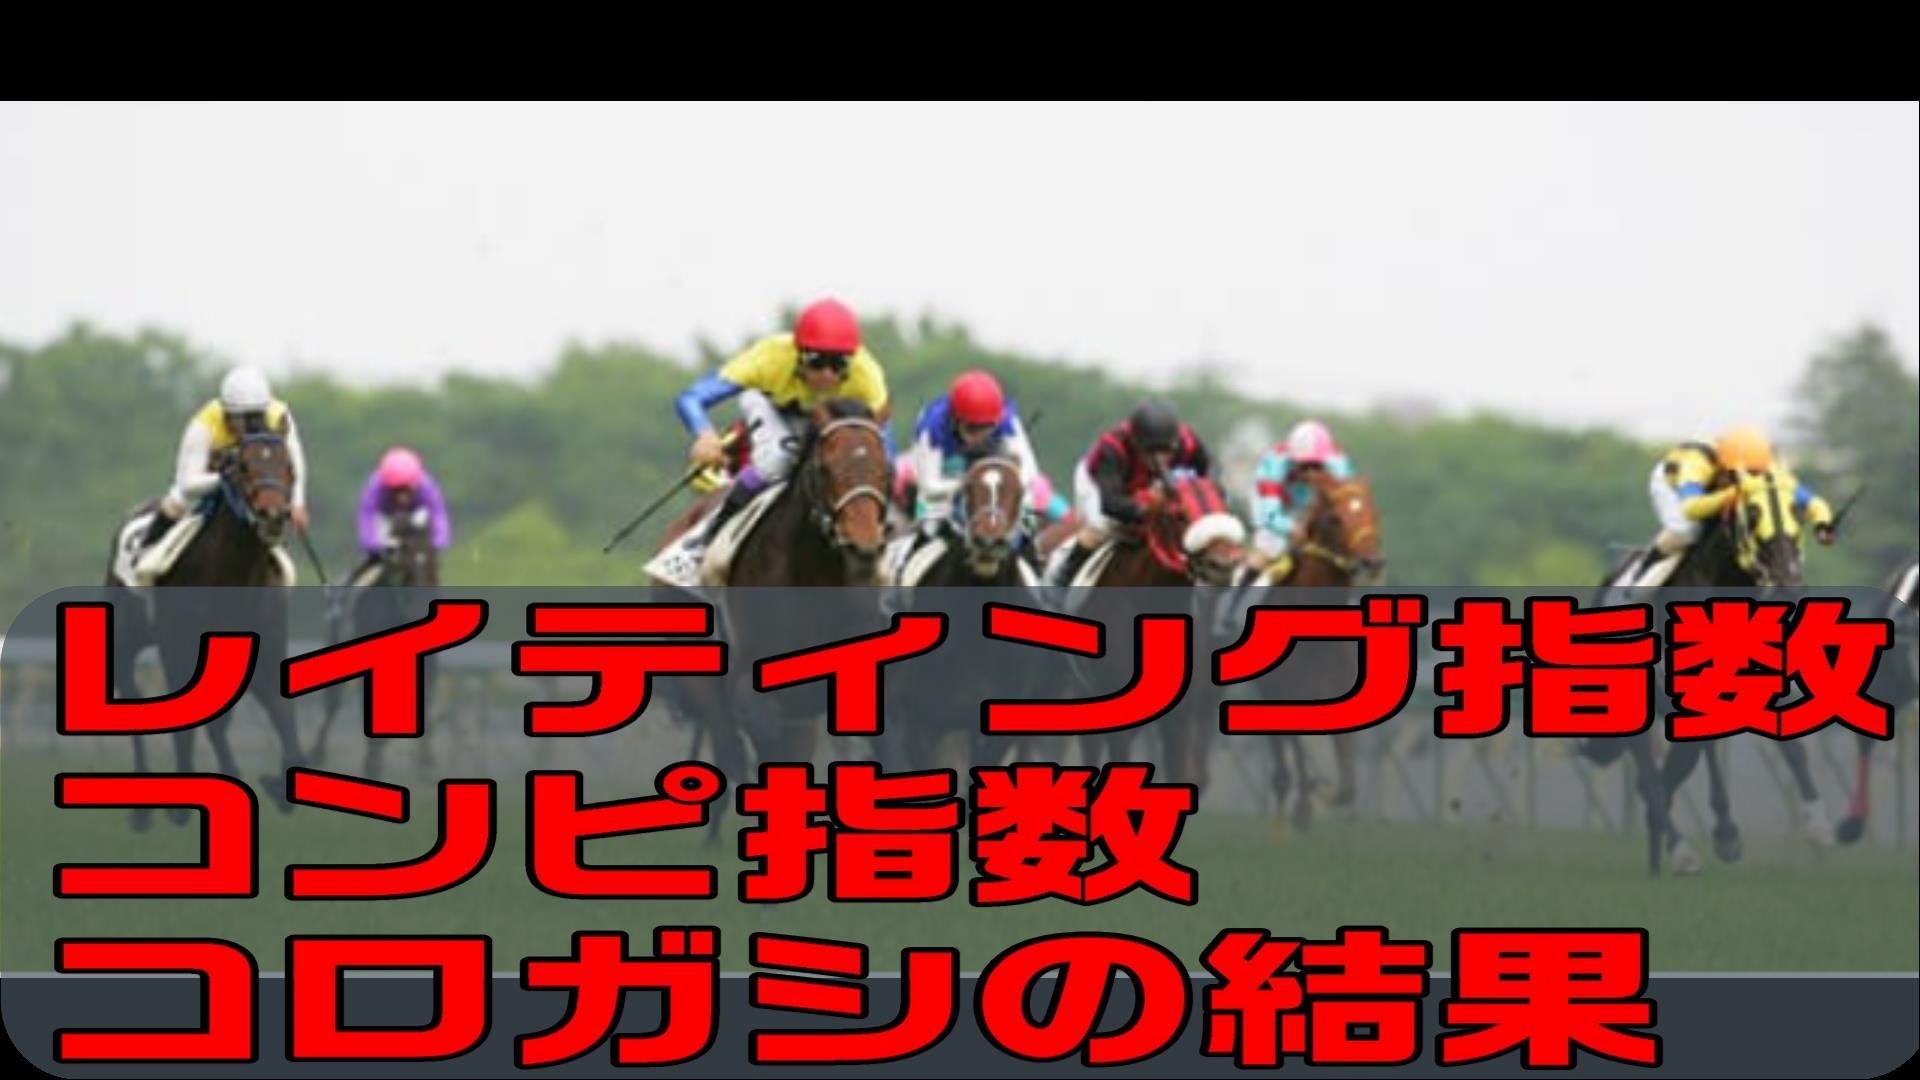 【競馬 コロガシ】コンピ指数 レイティング指数のコロガシの結果